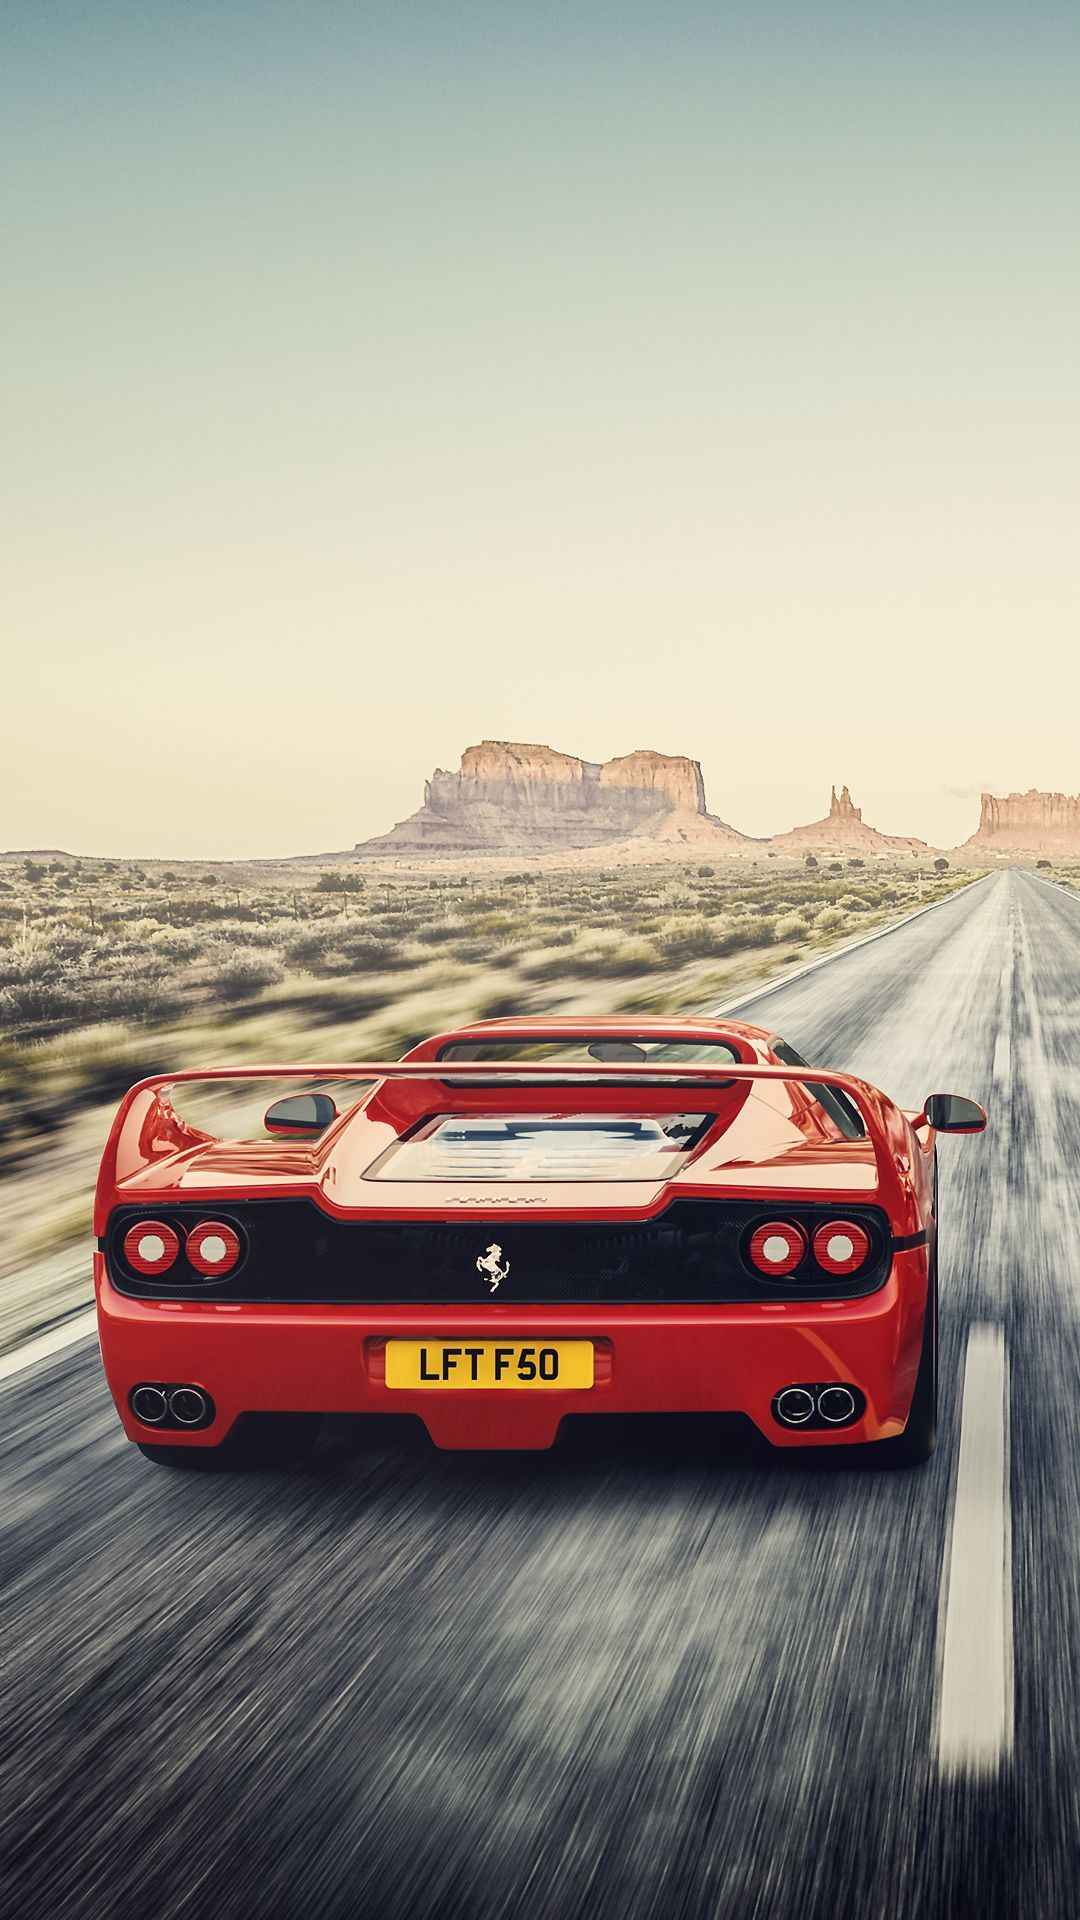 The Speed Of Ferrari Ferrariclassiccars Classic Cars Ferrari